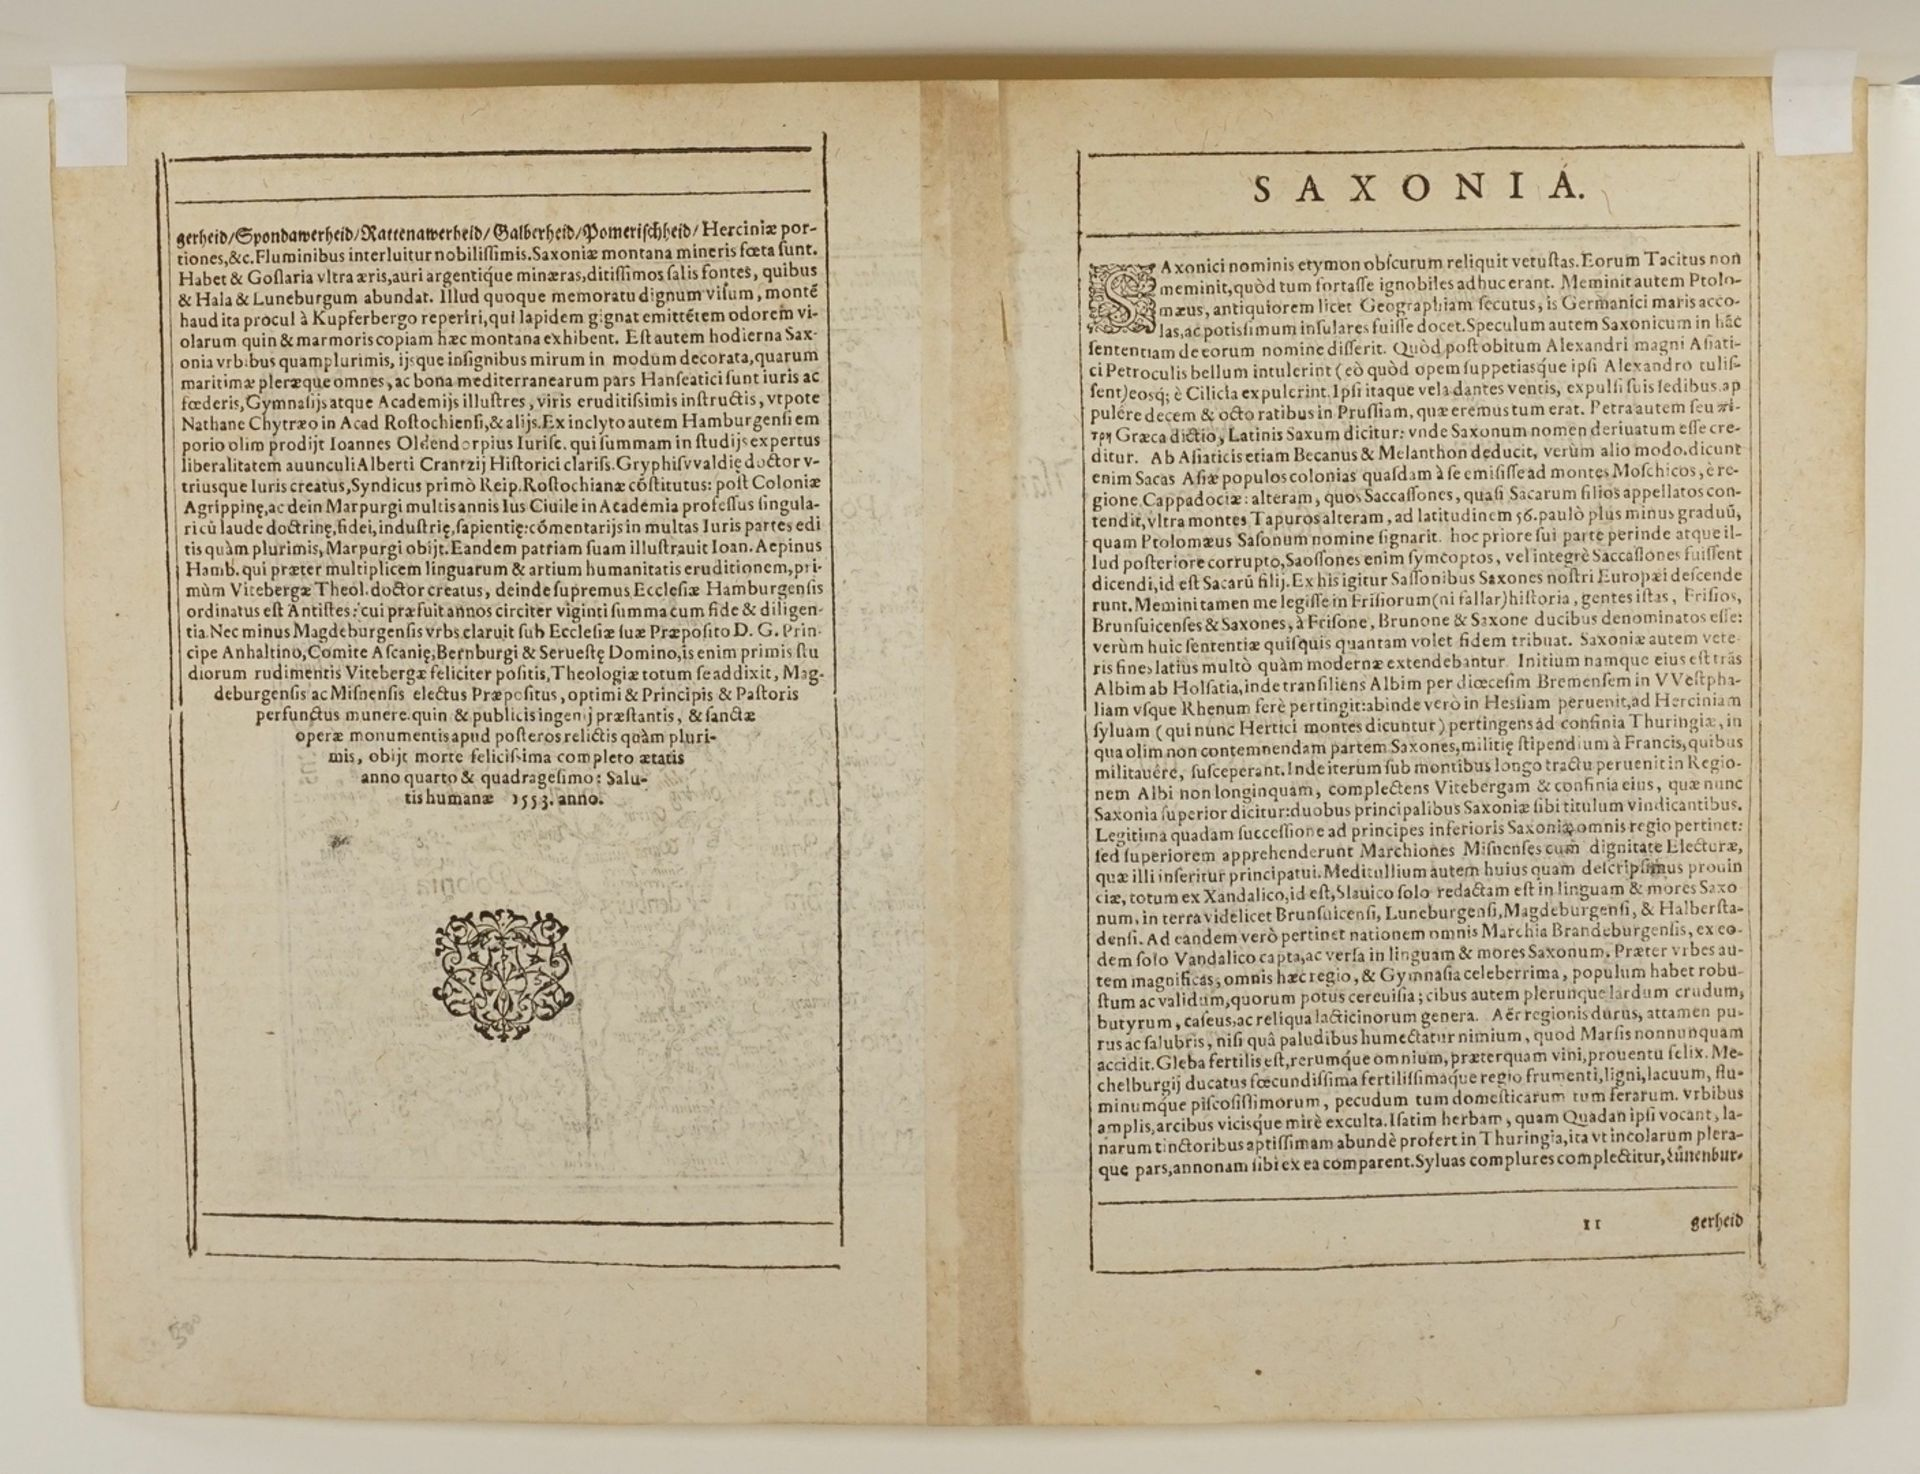 """Mat(t)hias Quad, """"Saxonum regionis quatenus eius gentis imperium nomenque olim patebat, recens ... - Bild 4 aus 4"""